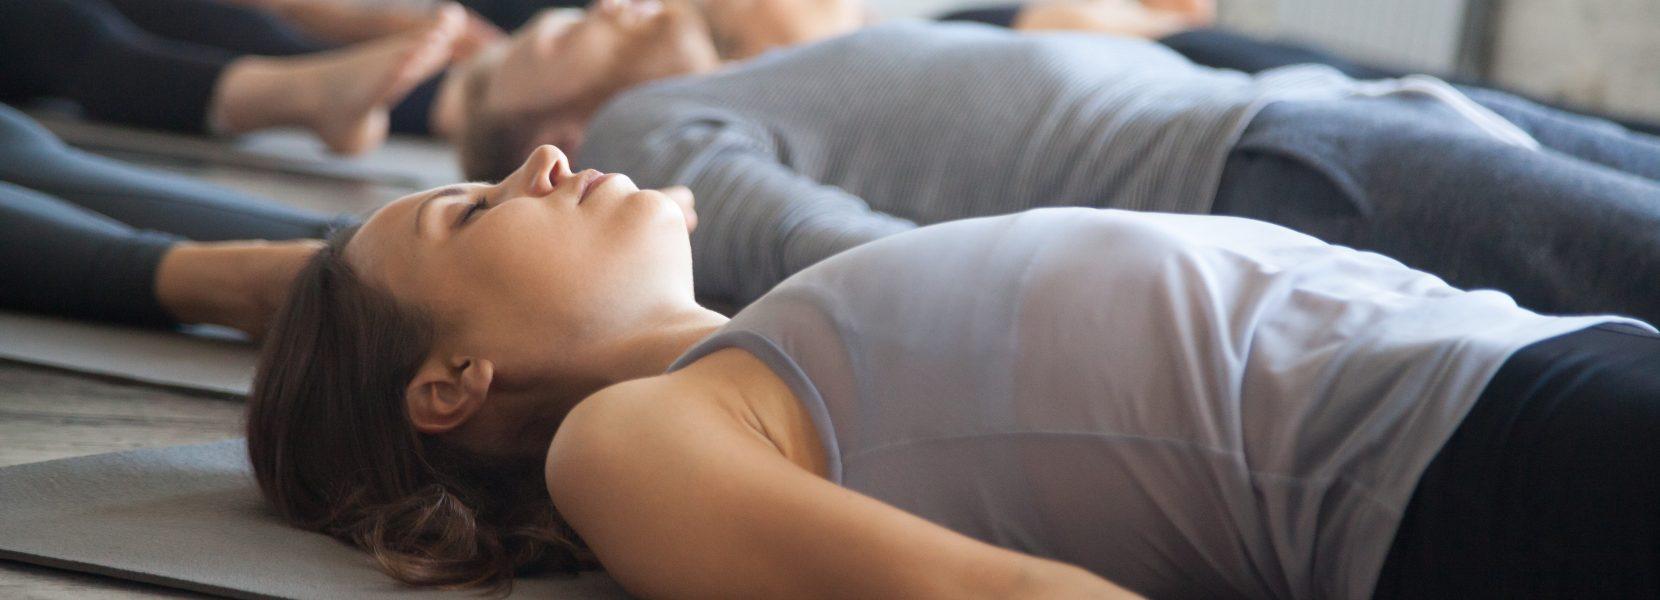 Yoga & Strömen: schließlich ganz entspannt sein